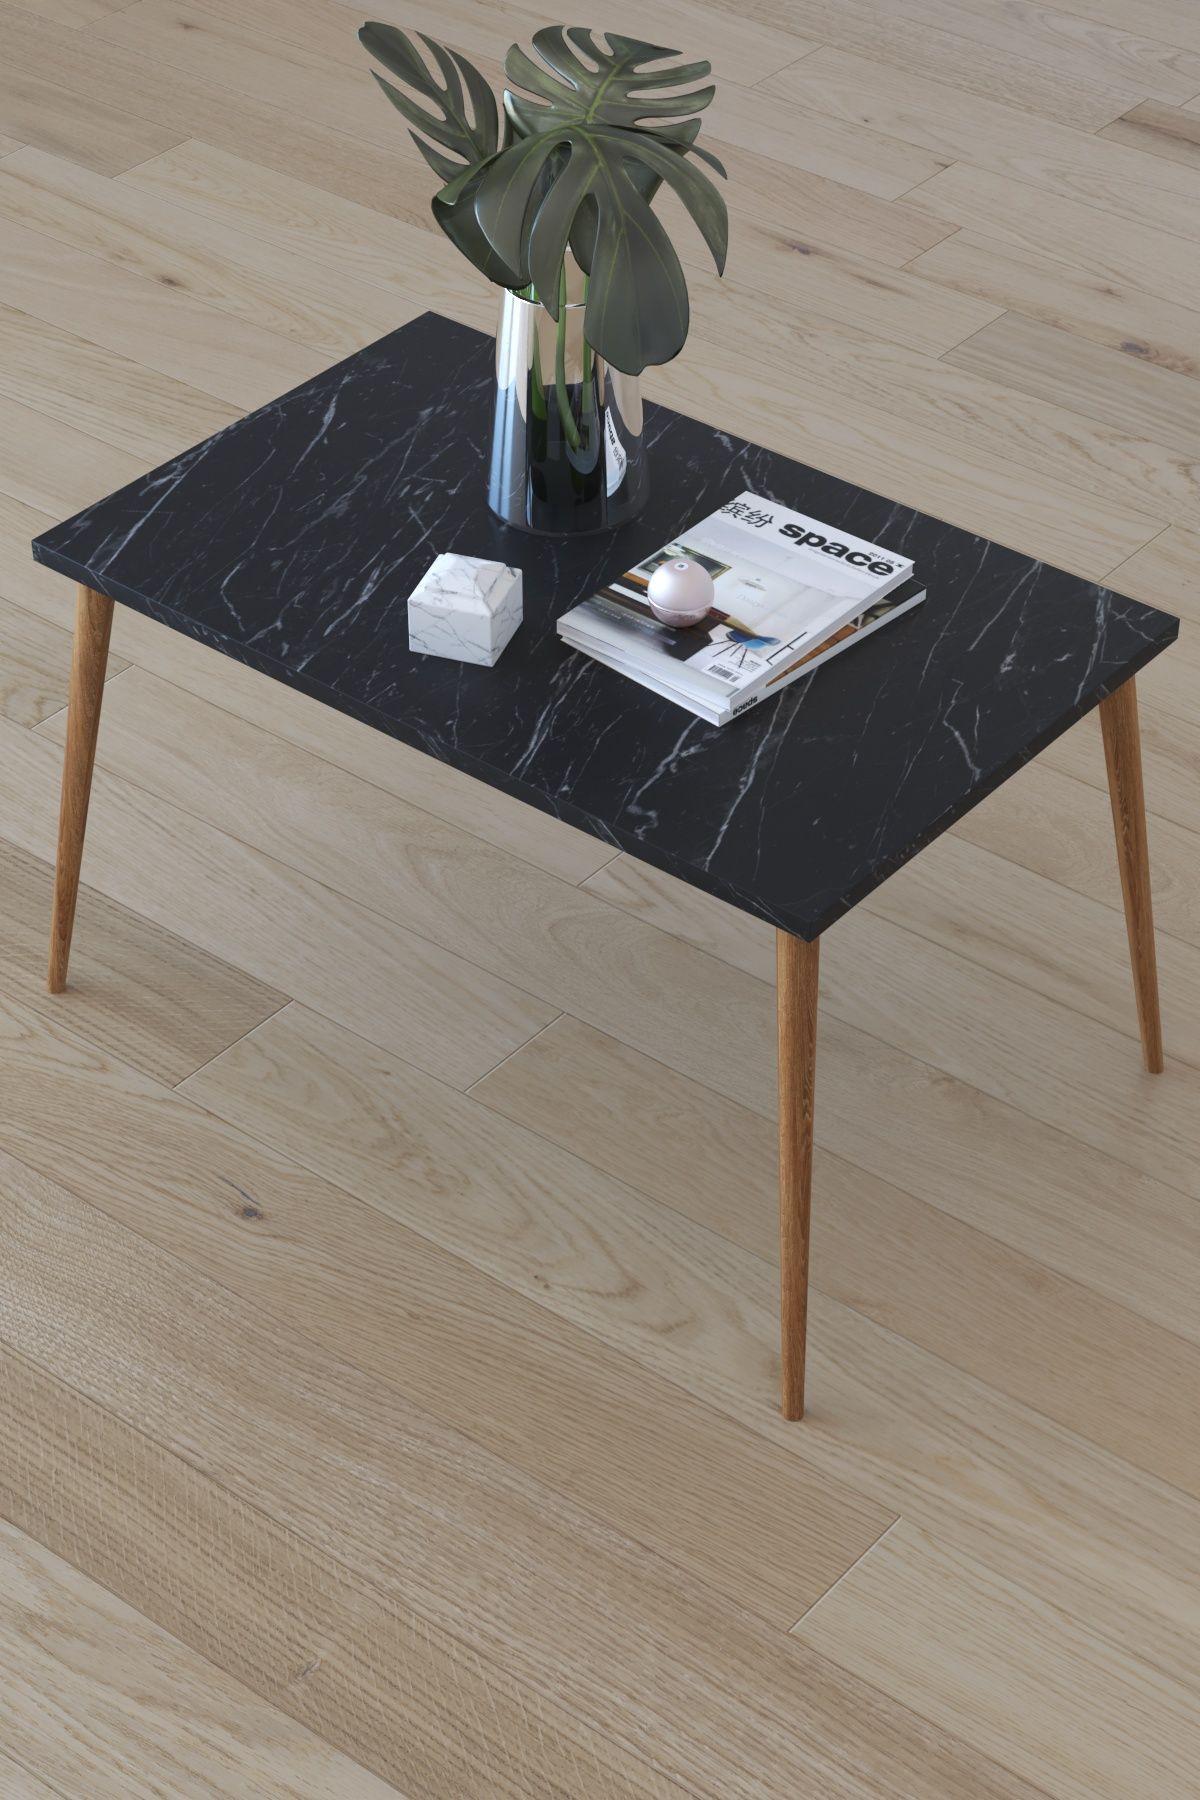 Masa de cafea Paco Homs72 x 45 x 42 cm, Negru marmorat